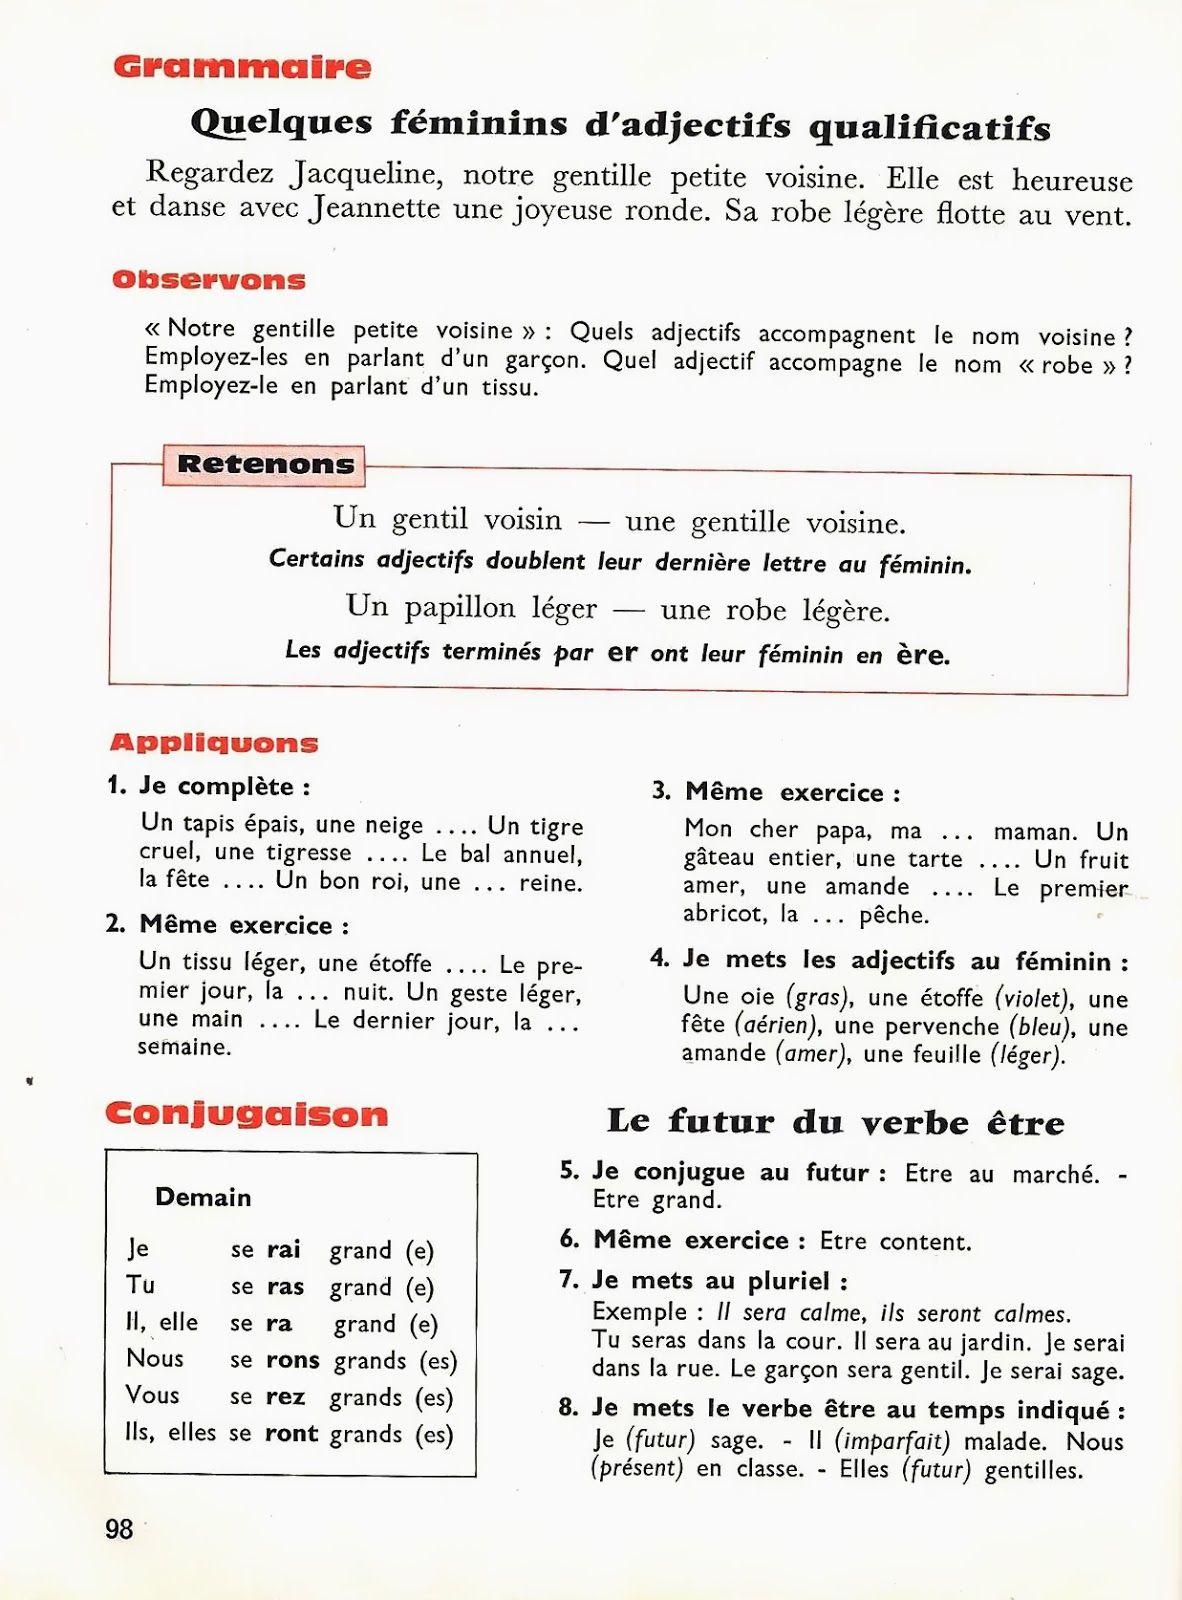 Toraille A La Conquete De Notre Langue Ce1 1965 Grandes Images Ce1 Adjectif Qualificatif Grammaire